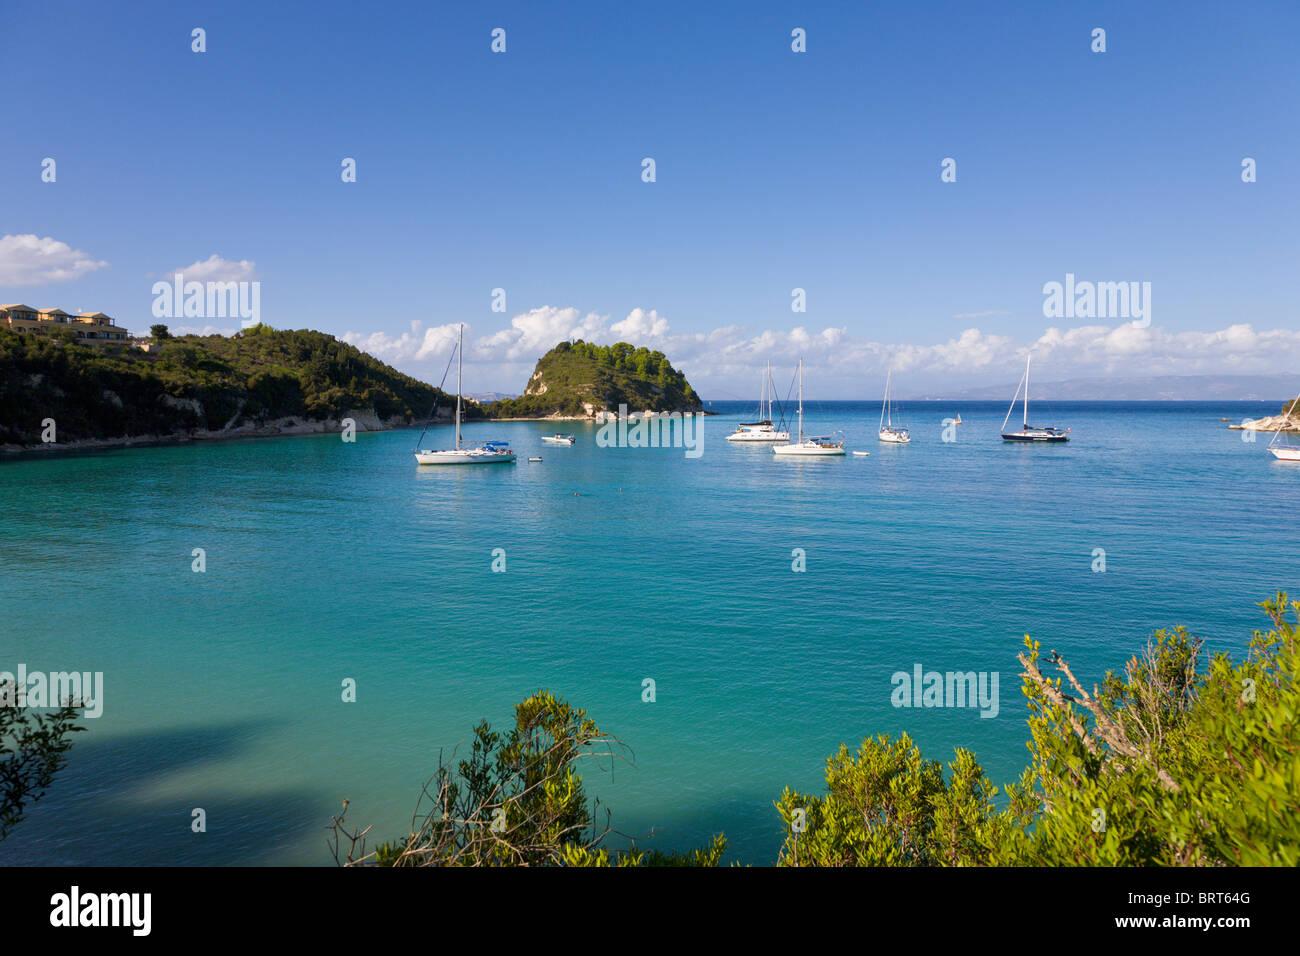 Yachts at anchor, Lakka, Paxos, Greece - Stock Image